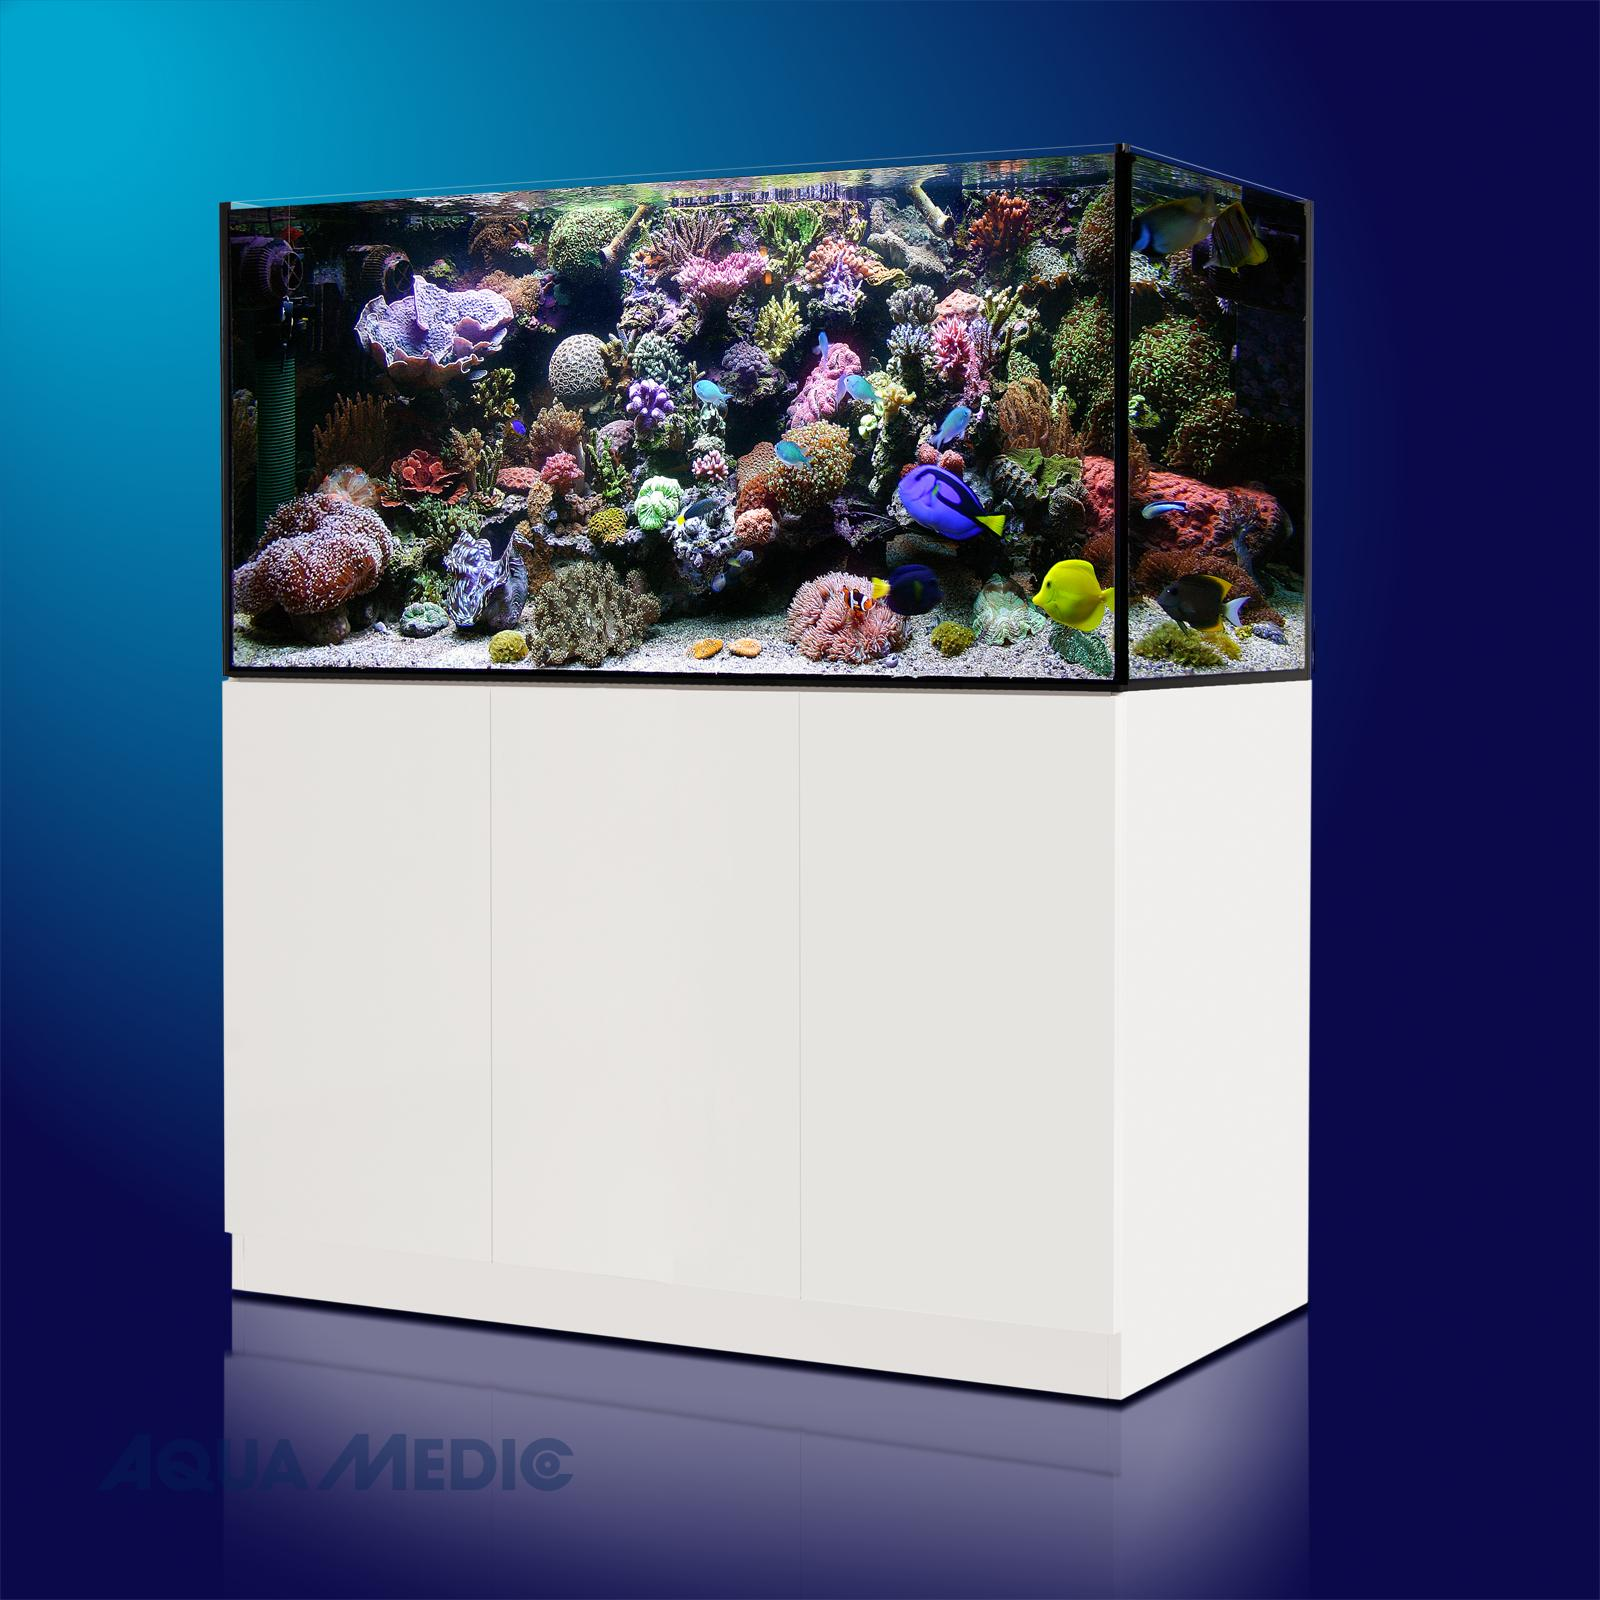 Aquamedic Xenia 160 T+C White 525l